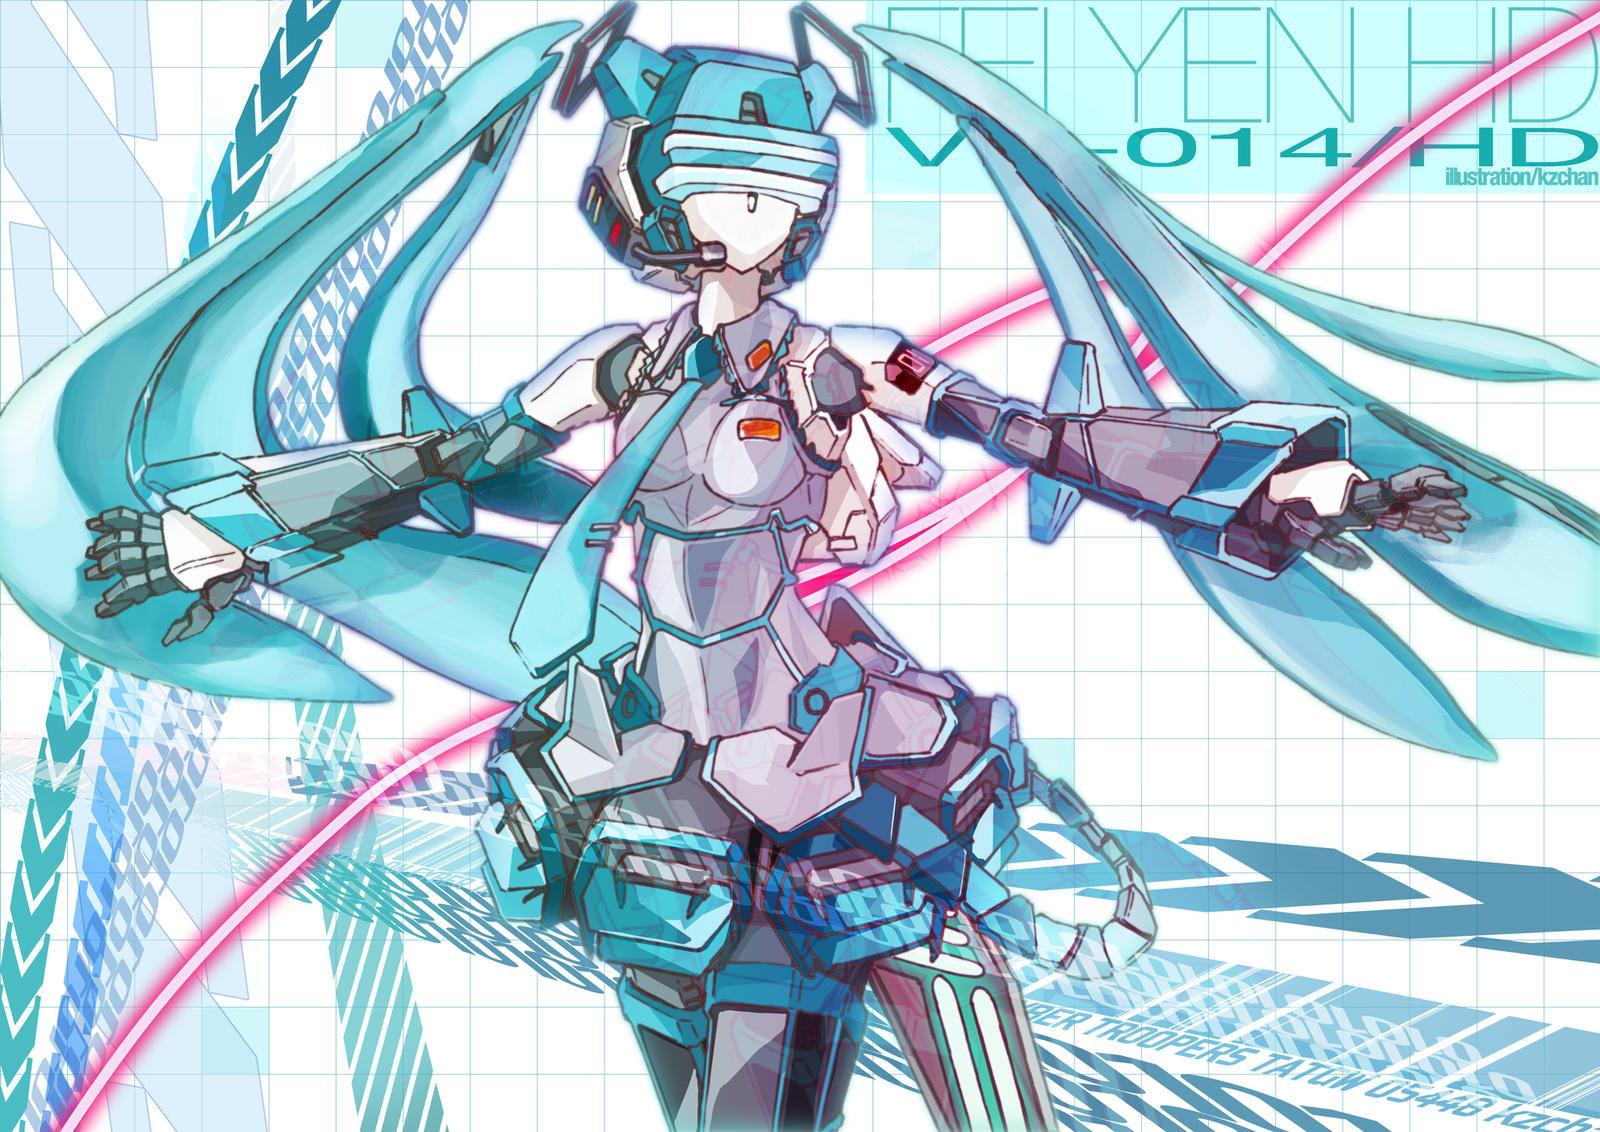 FEI YEN HD (Ver. 2014)